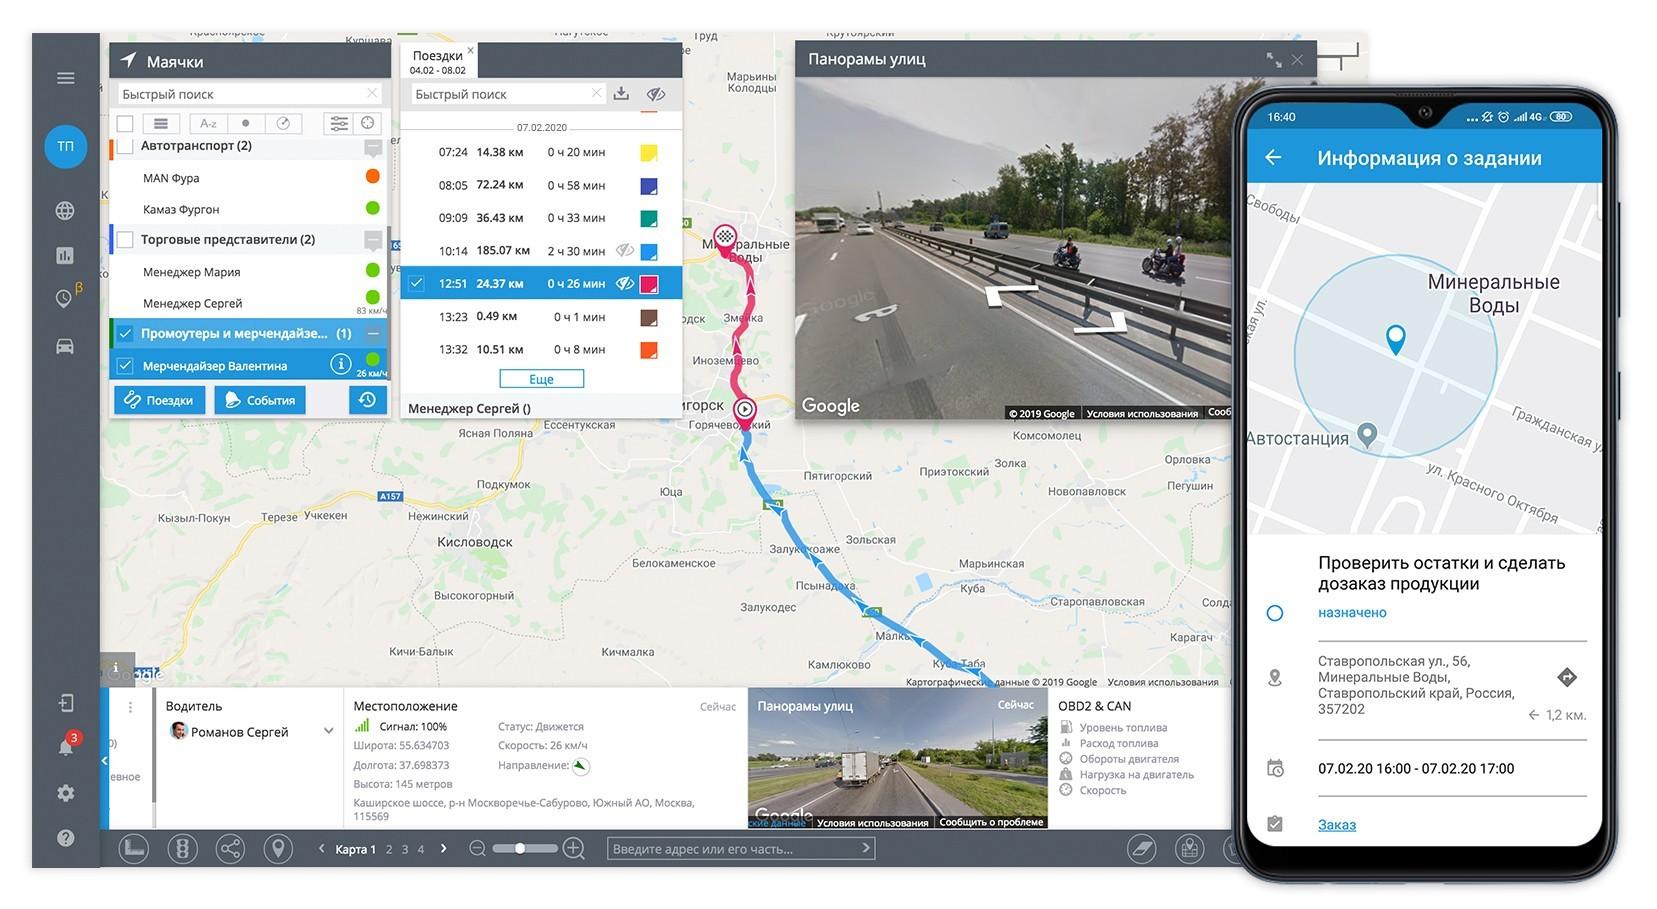 Скриншот: Интерфейс ГдеМои на компьютере и смартфоне